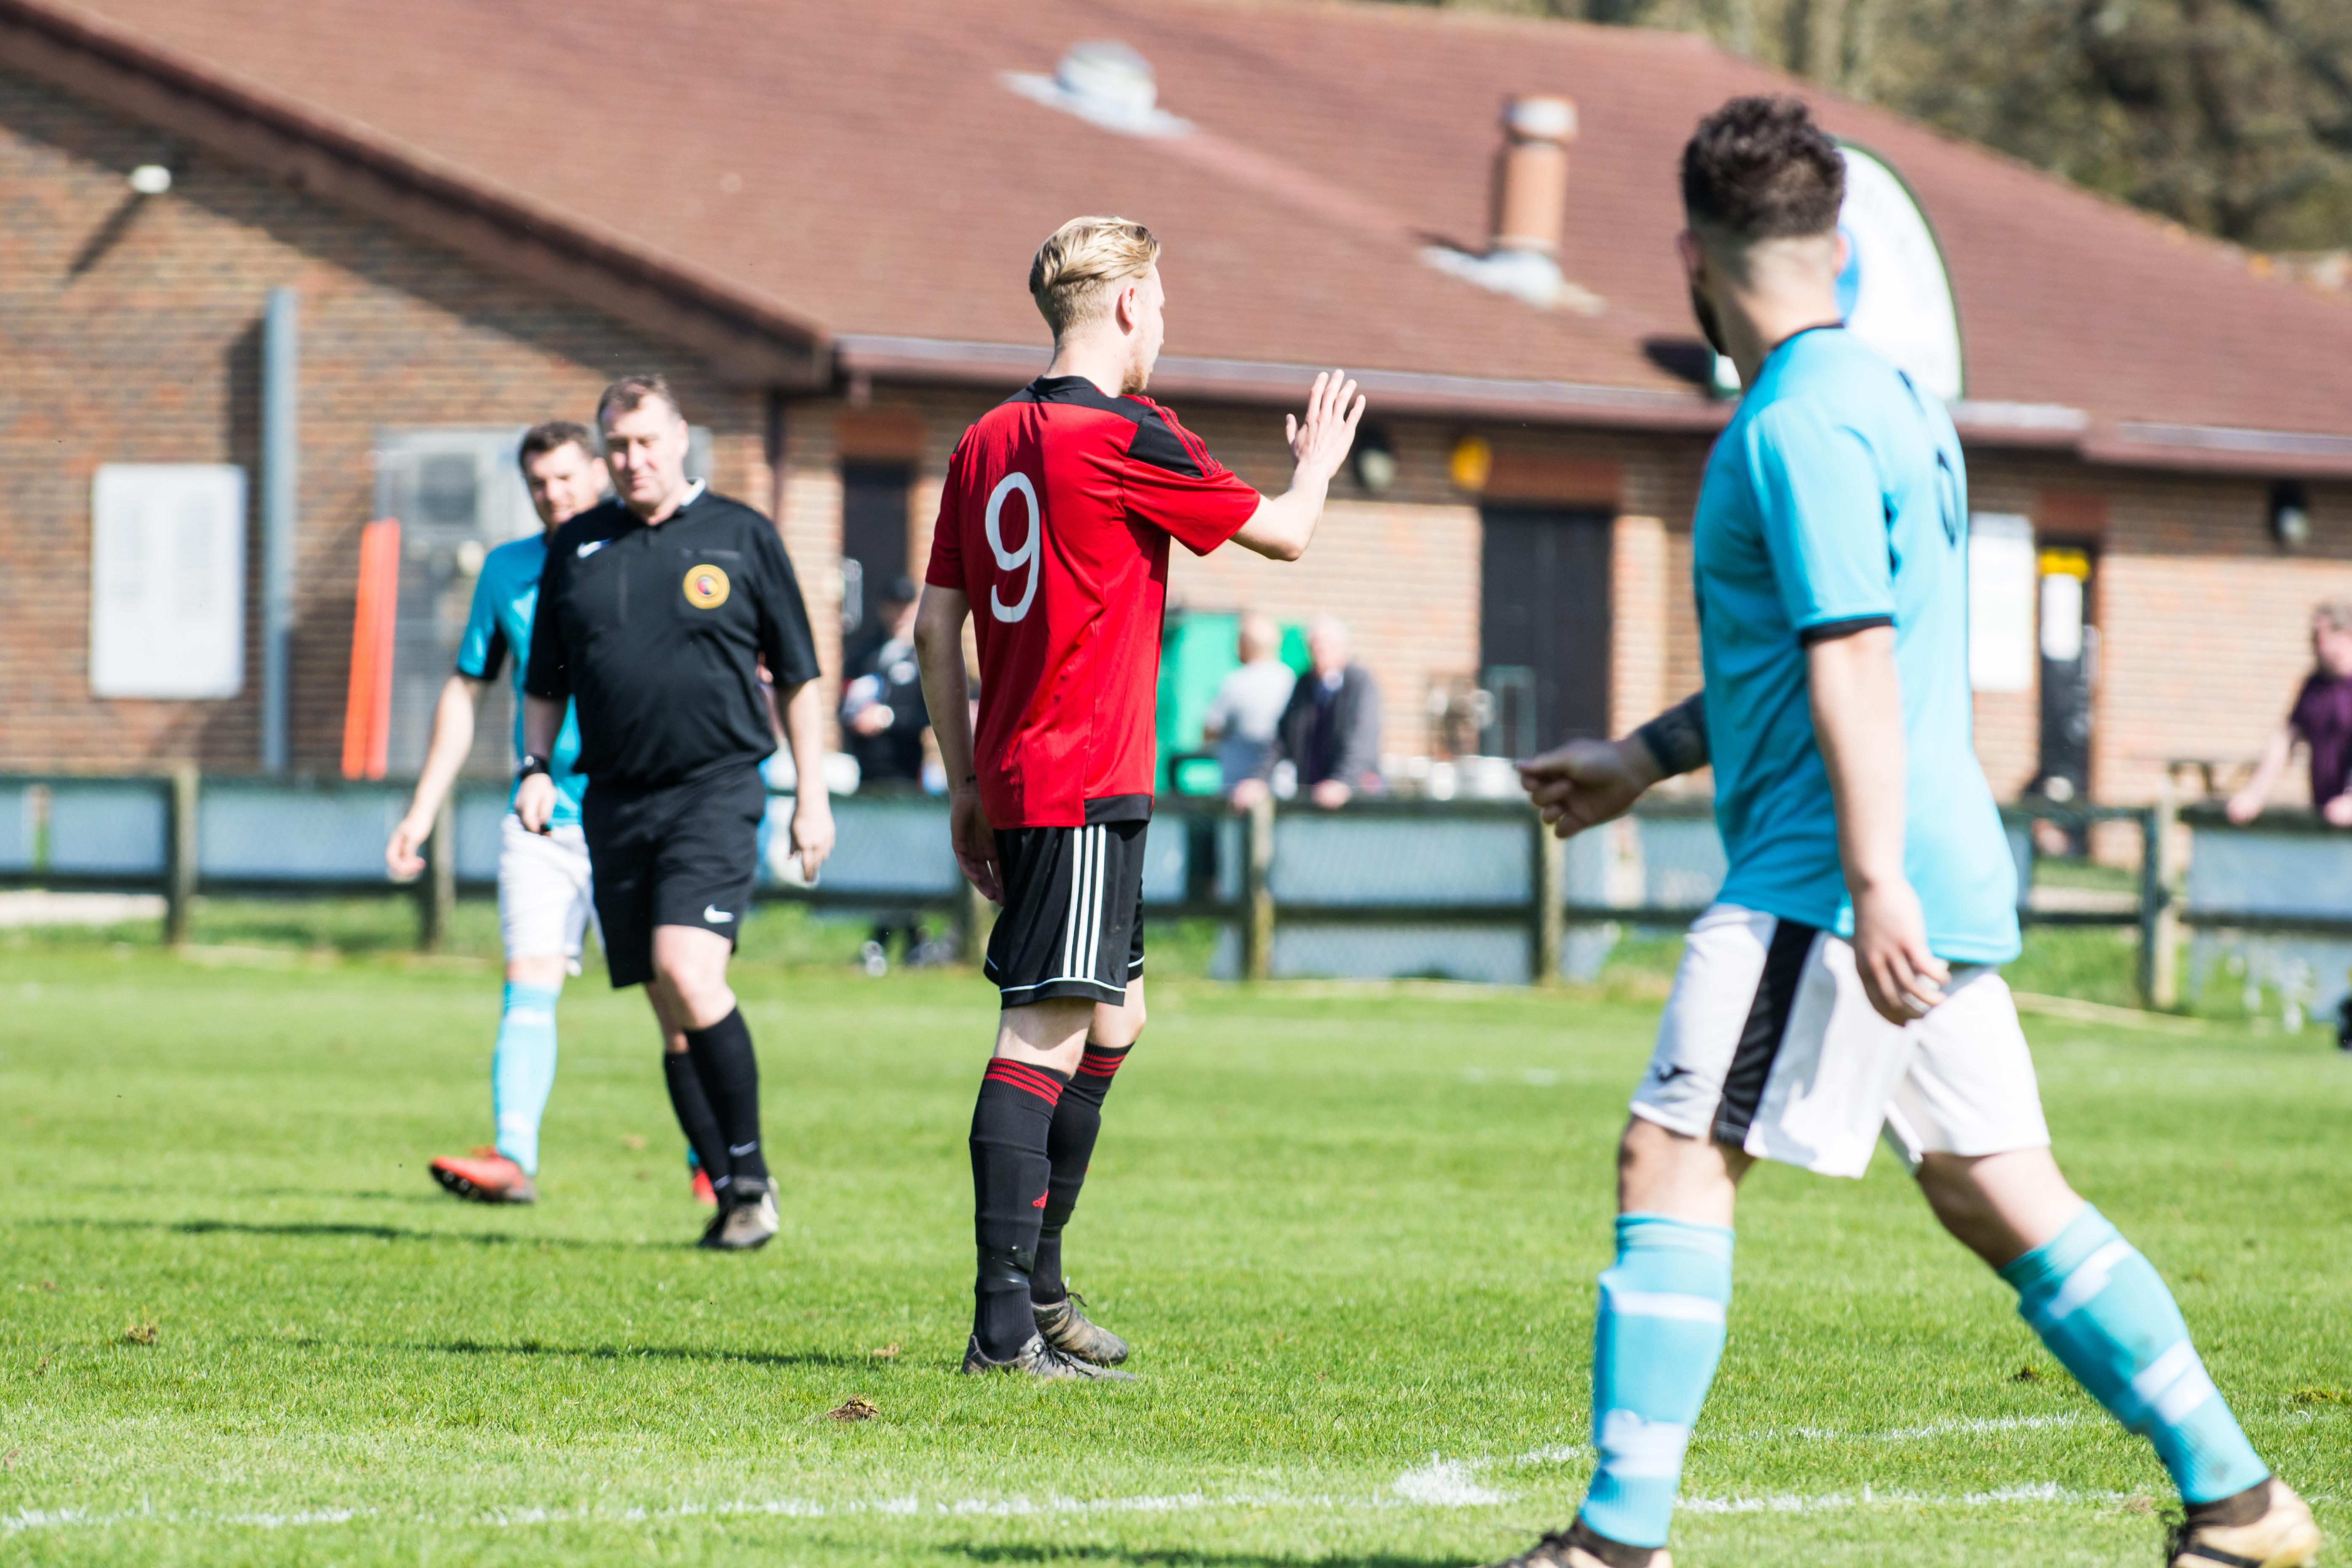 DAVID_JEFFERY Billingshurst FC vs AFC Varndeanians 14.04.18 19